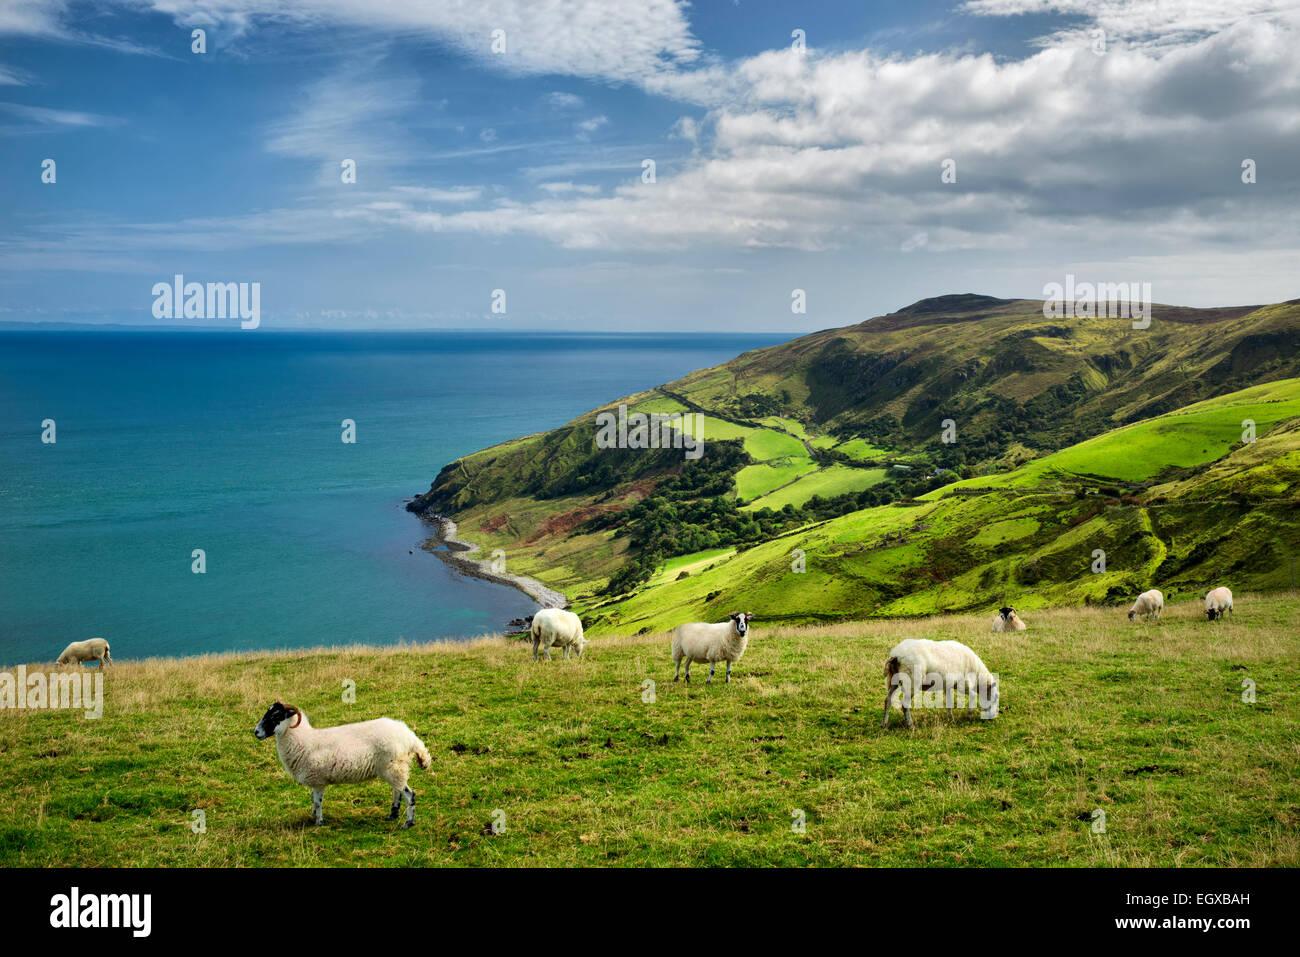 Vista dal Torr testa con pecore al pascolo. Costa di Antrim, Irlanda del Nord Immagini Stock